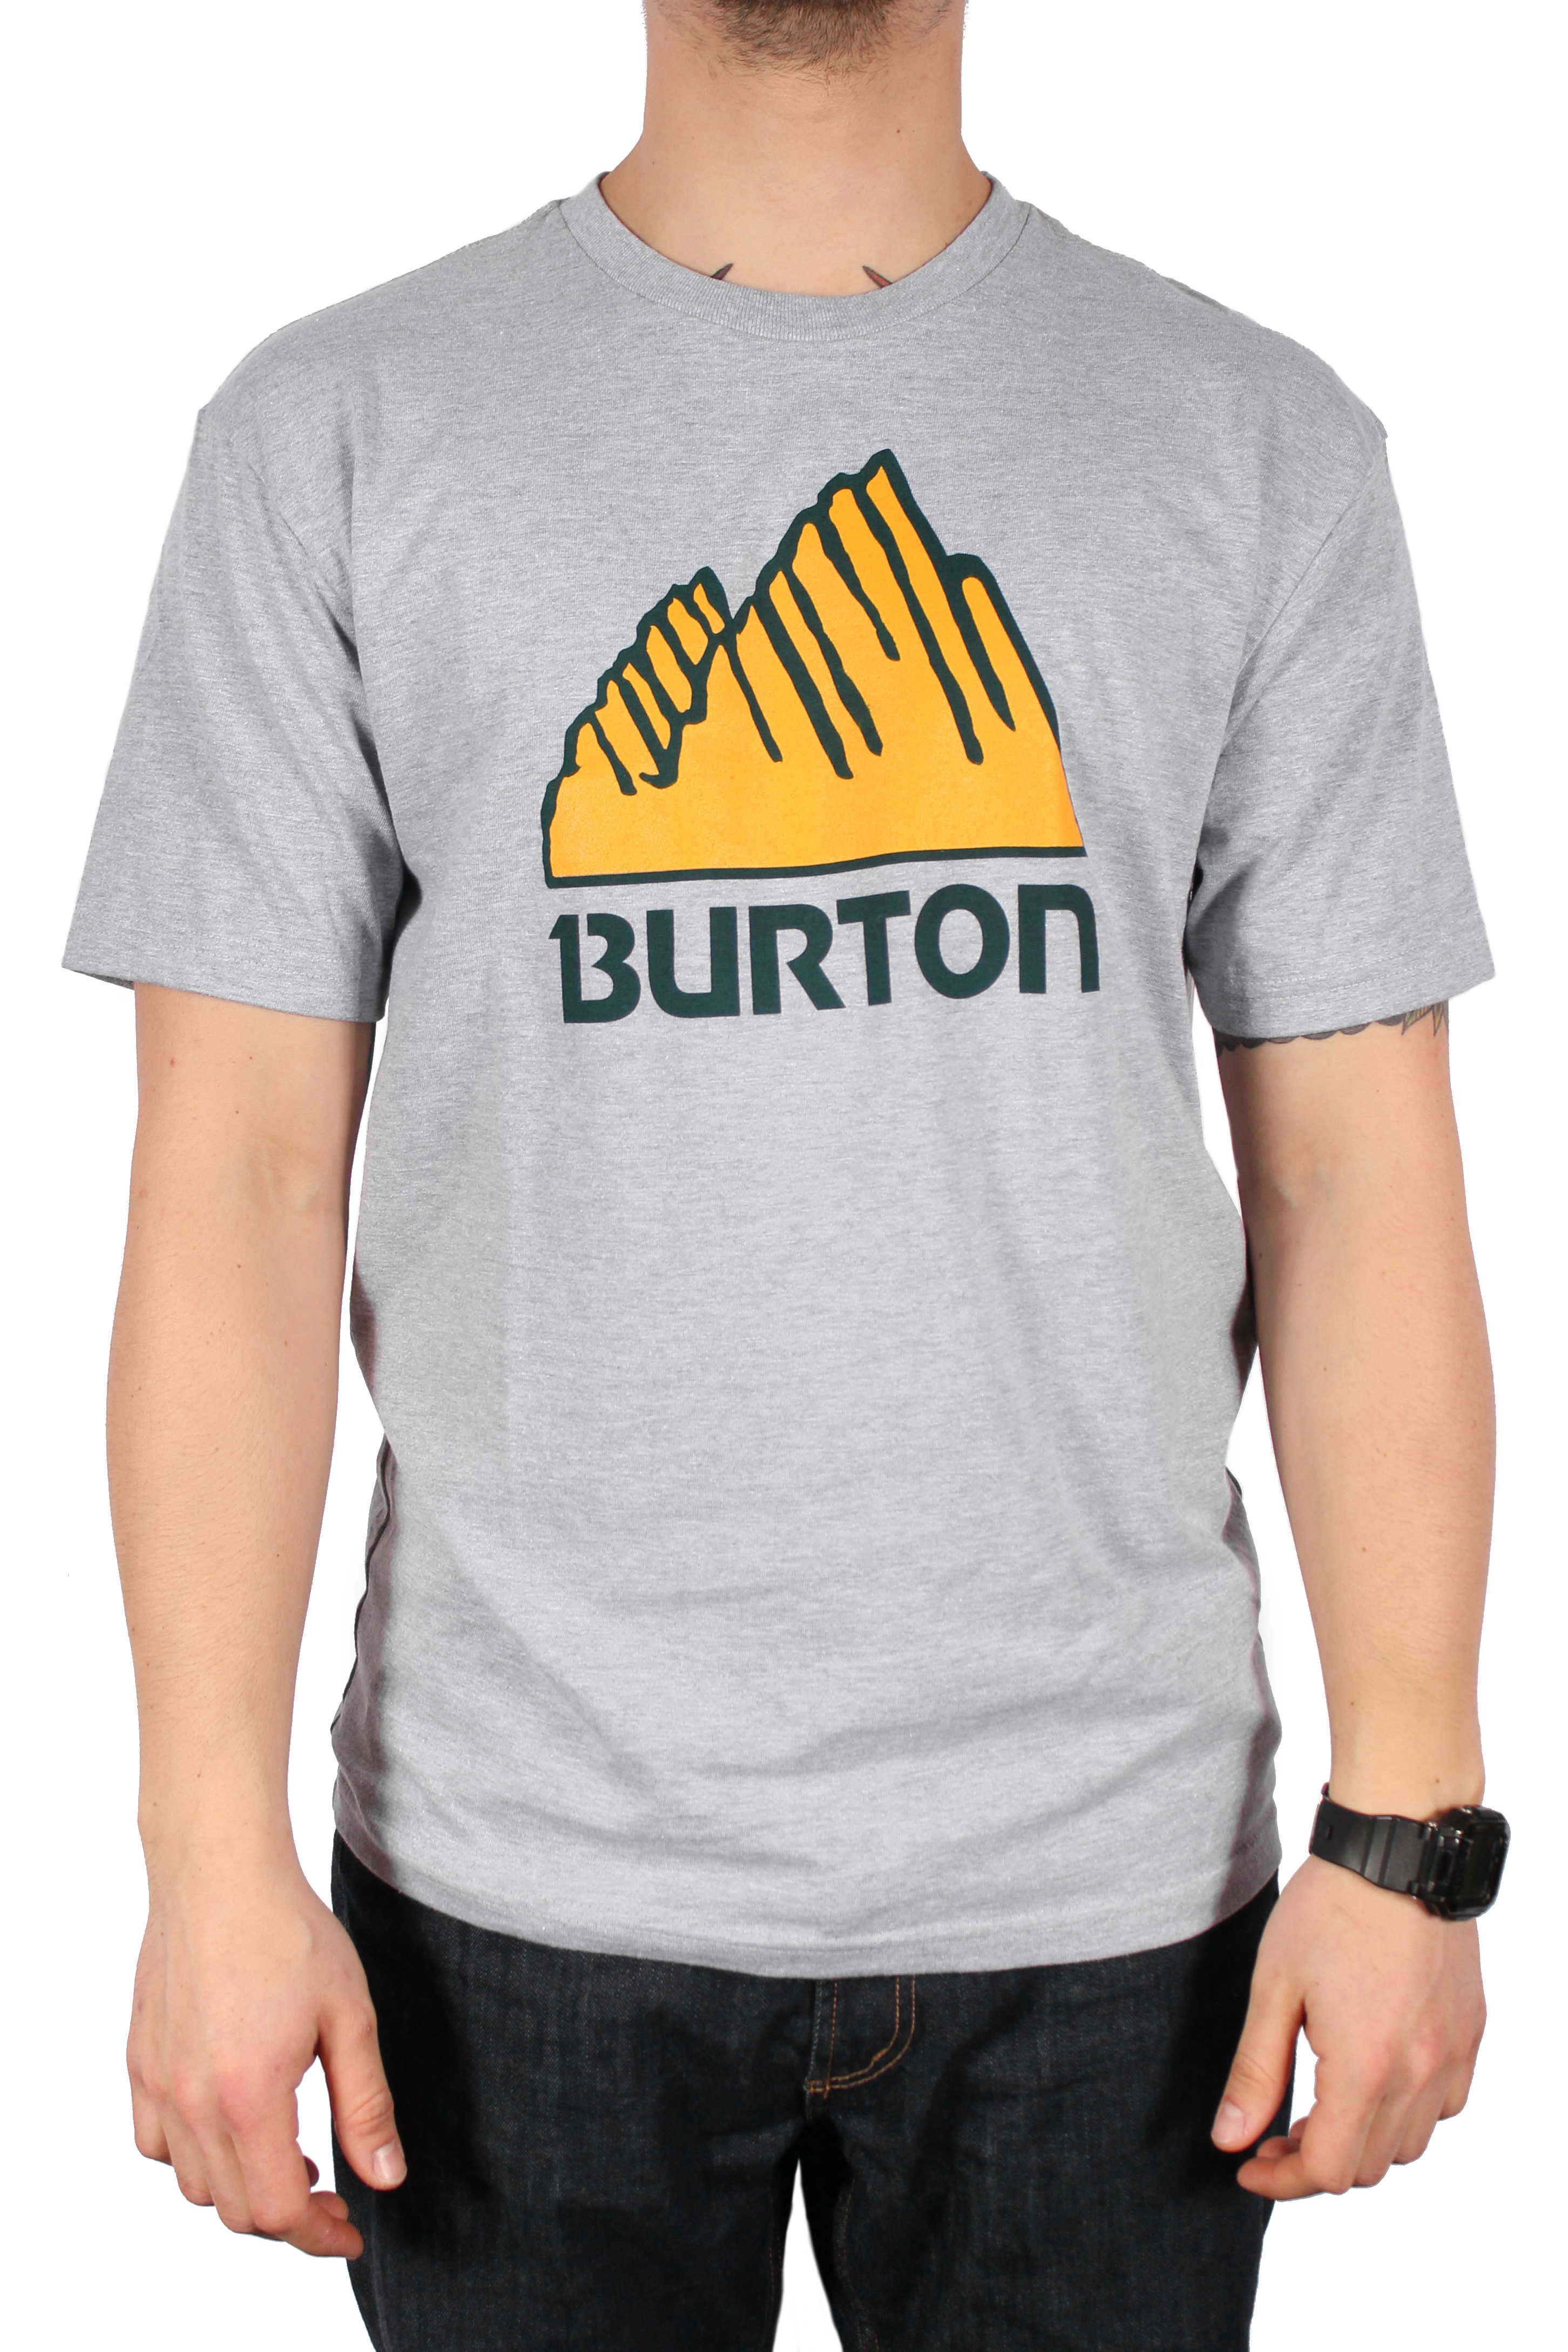 Koszulka Burton Our Mountain (Heather Gray)